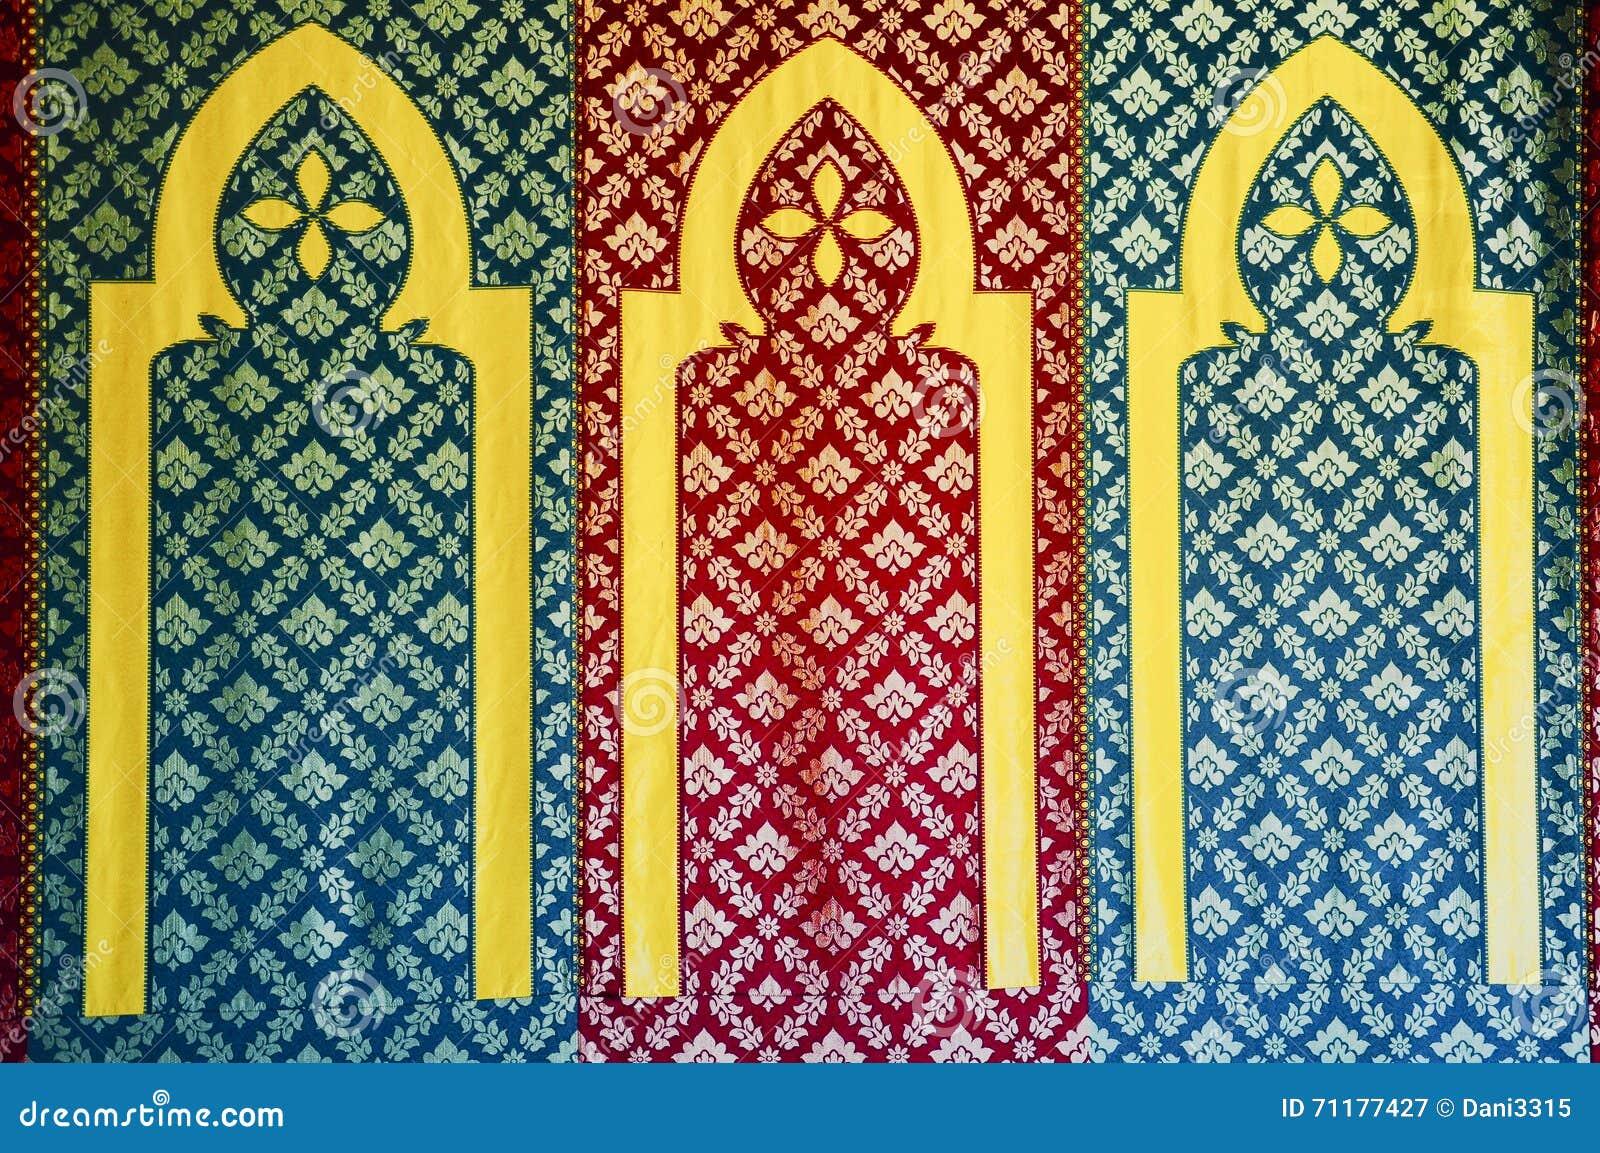 Adorno islámico del diseño del modelo, sobre la base del ornamento del otomano